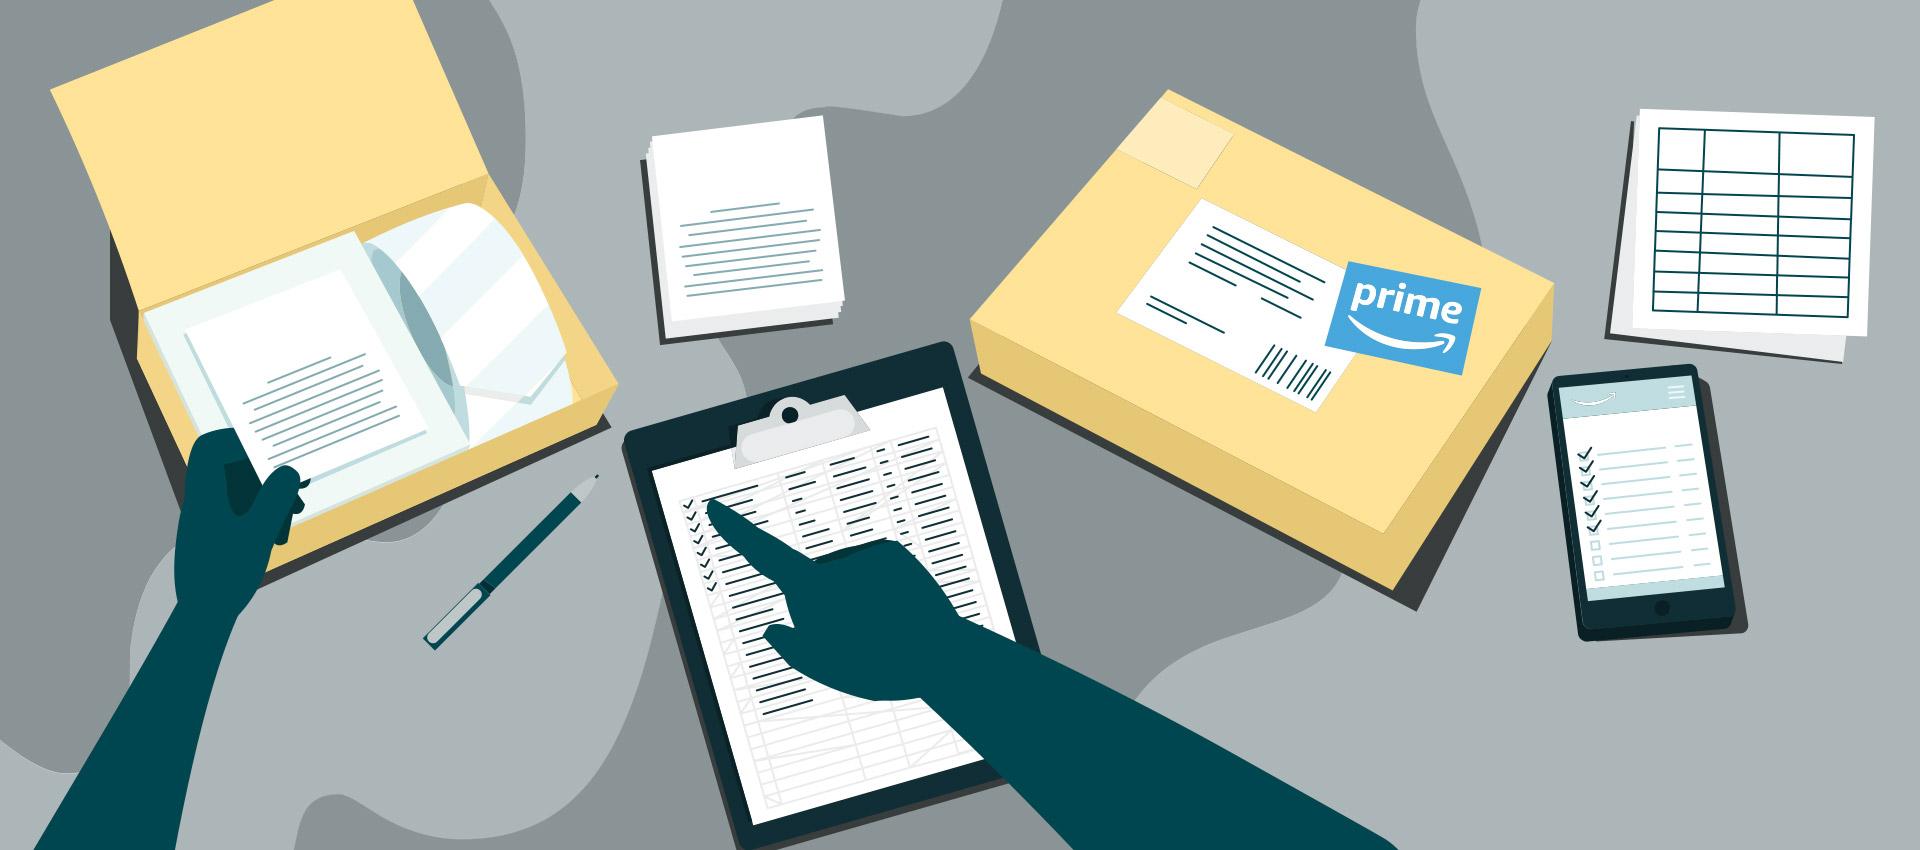 考虑如何利用最恰当的方式配送买家订单的人